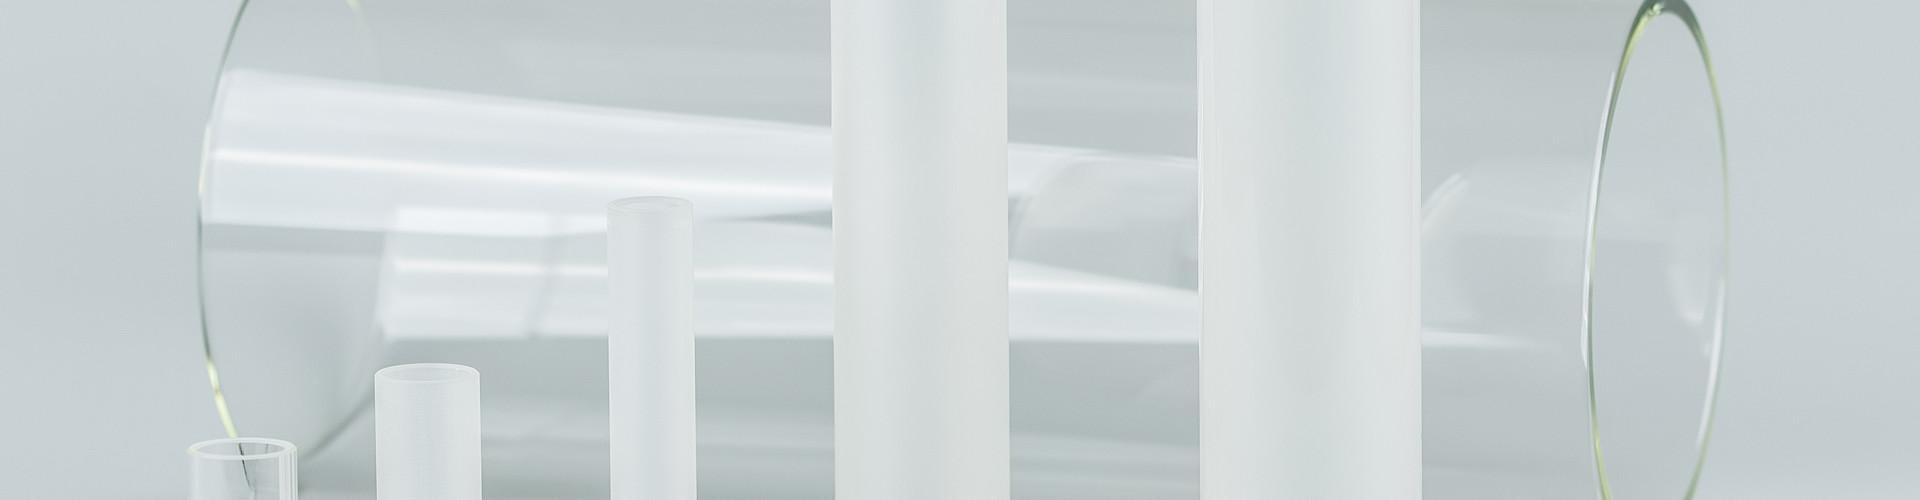 glaskugeln worf gmbh glaskugeln glasrohre glasprodukte f r technische anwendungen. Black Bedroom Furniture Sets. Home Design Ideas